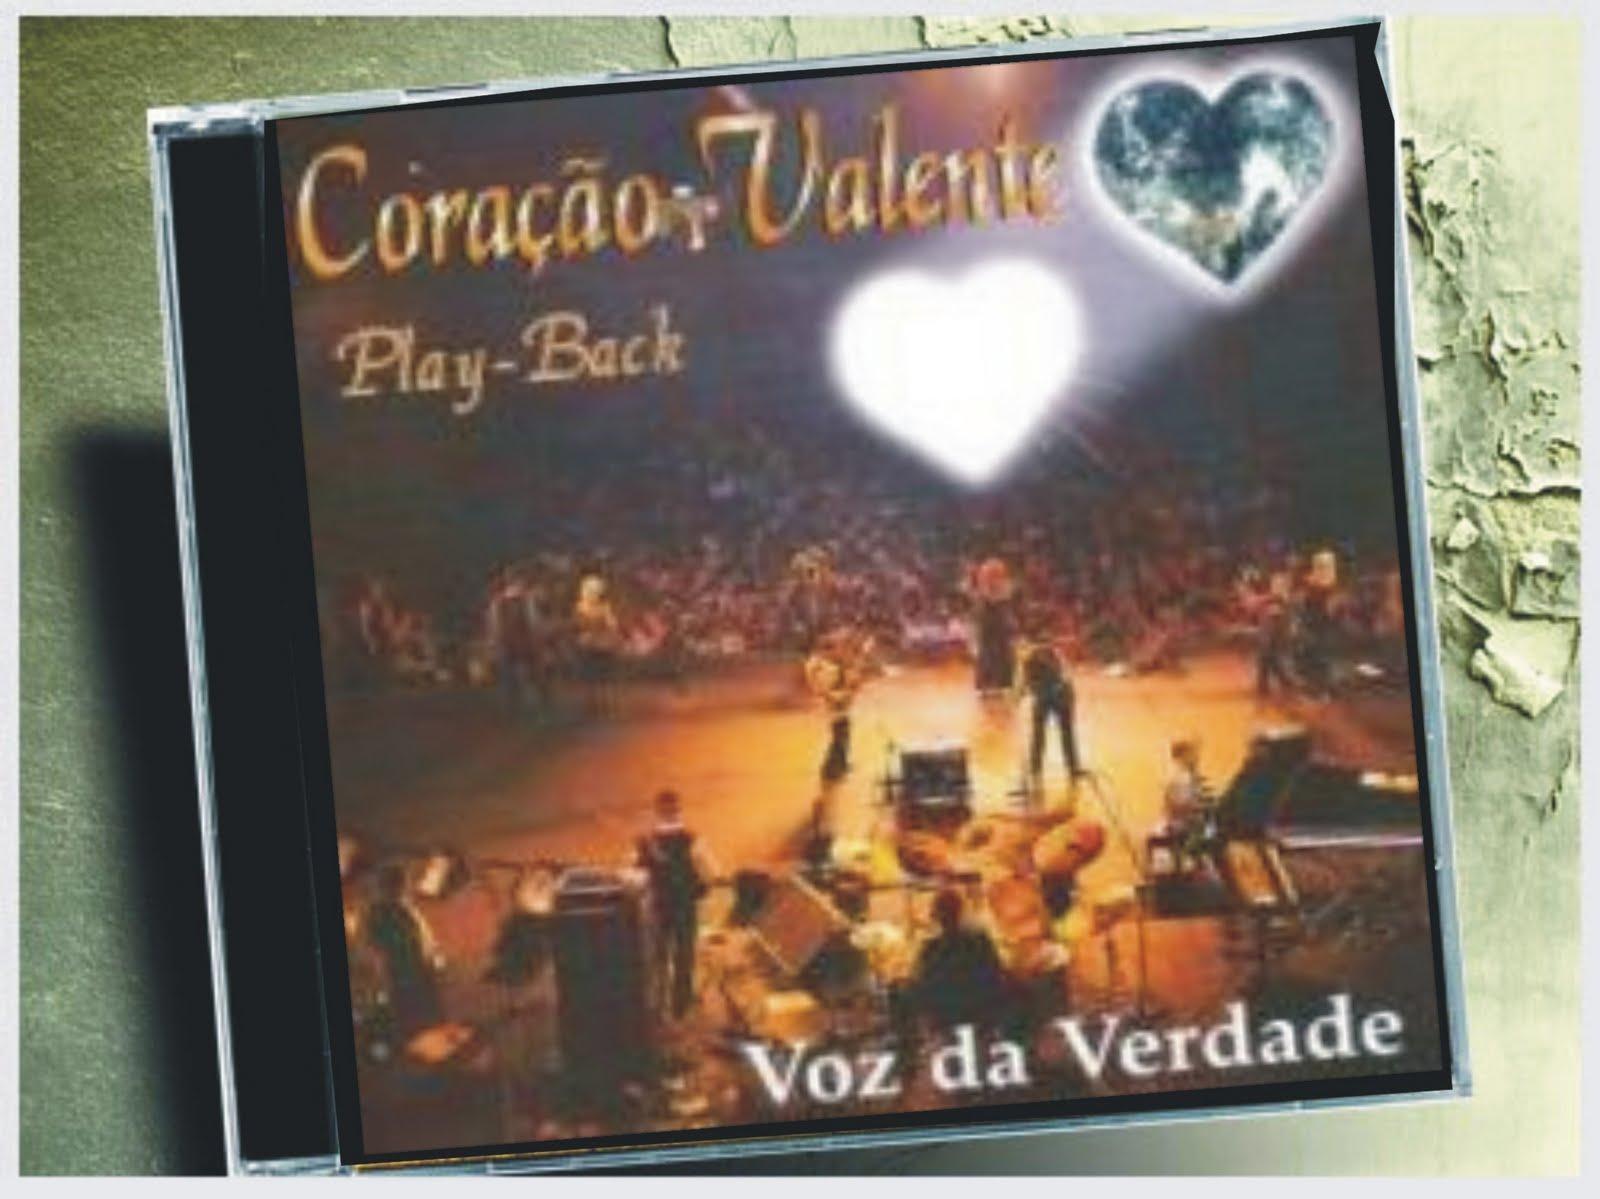 Voz da Verdade - Coração Valente - Playback 1997